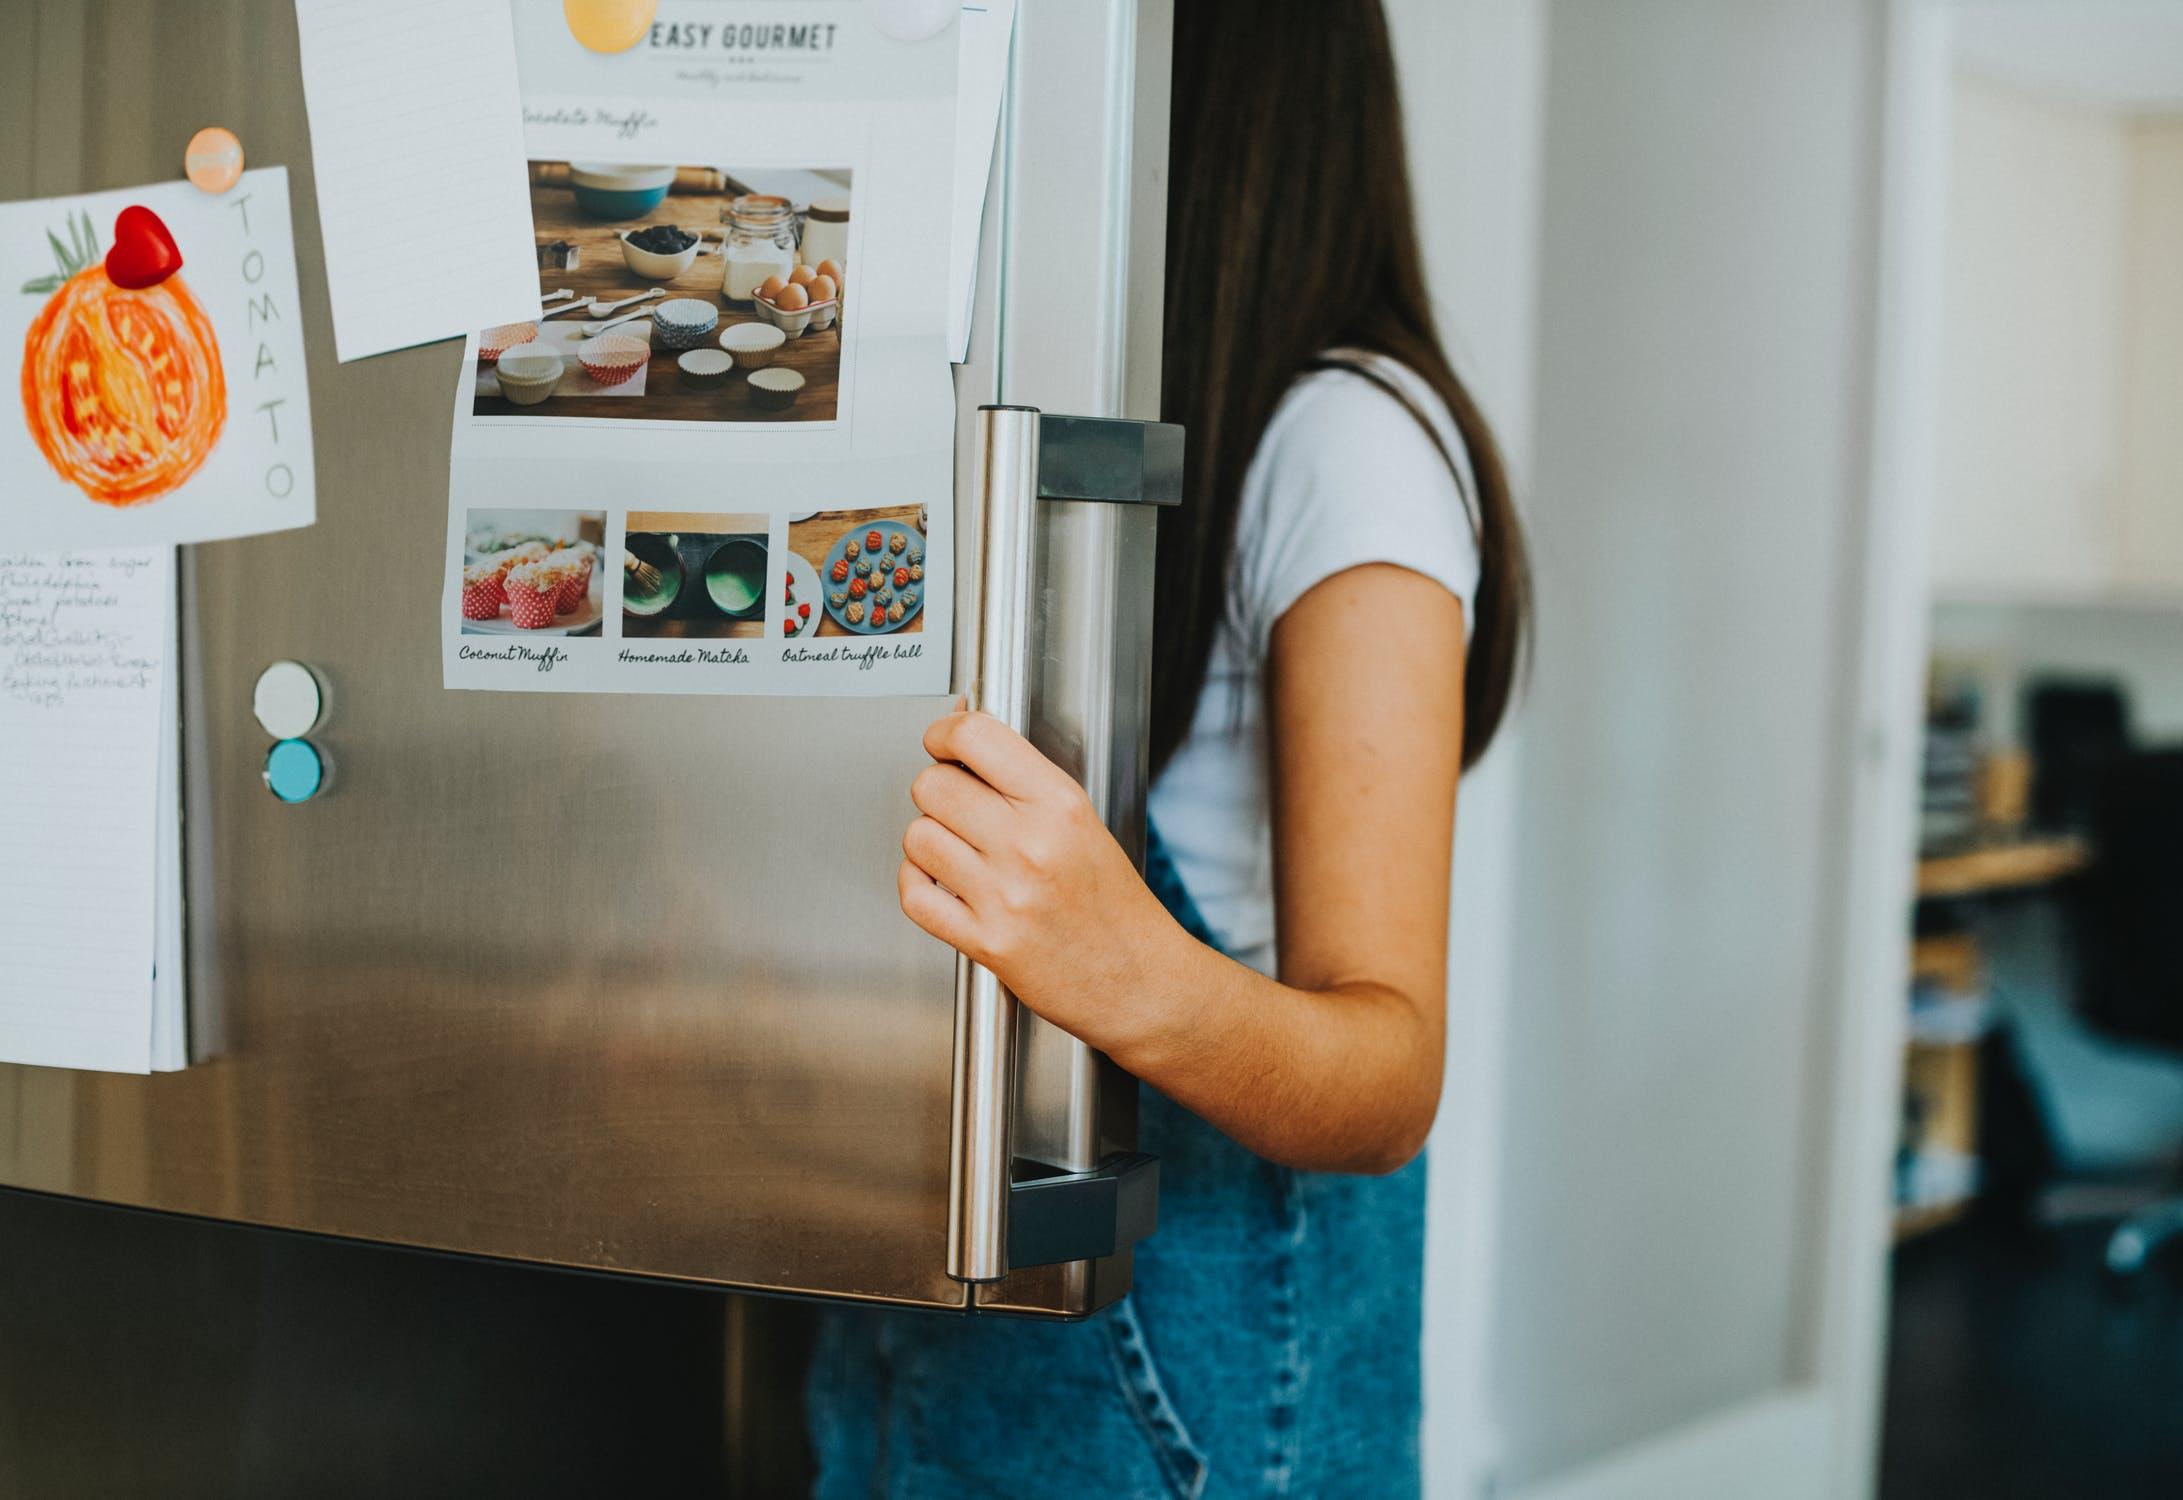 astuces repas frigo cuisine manger